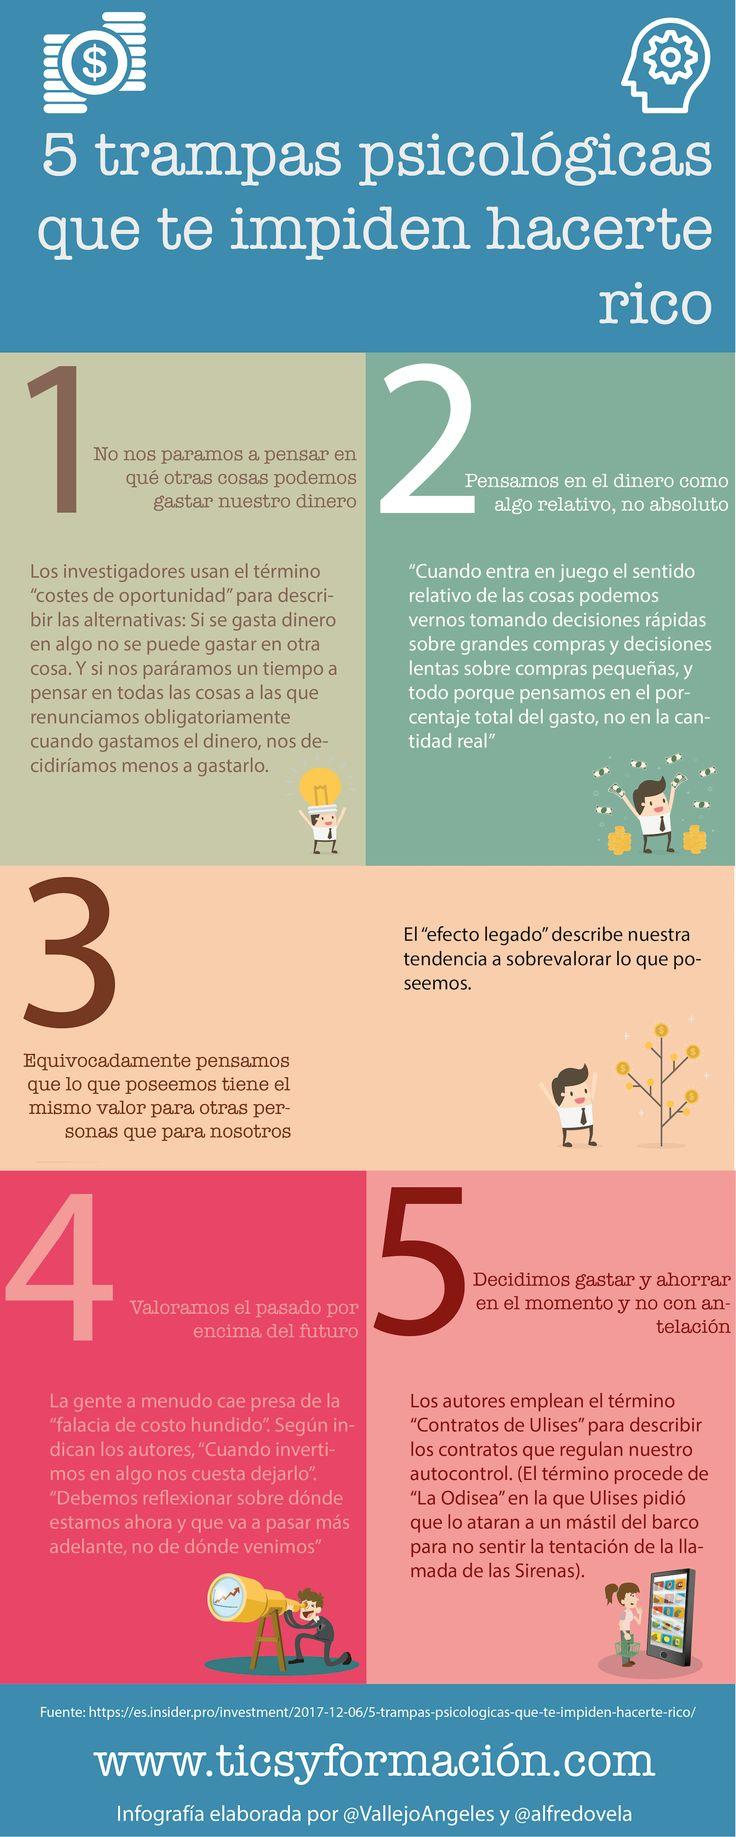 5 trampas psicológicas que te impiden hacerte rico #infografia